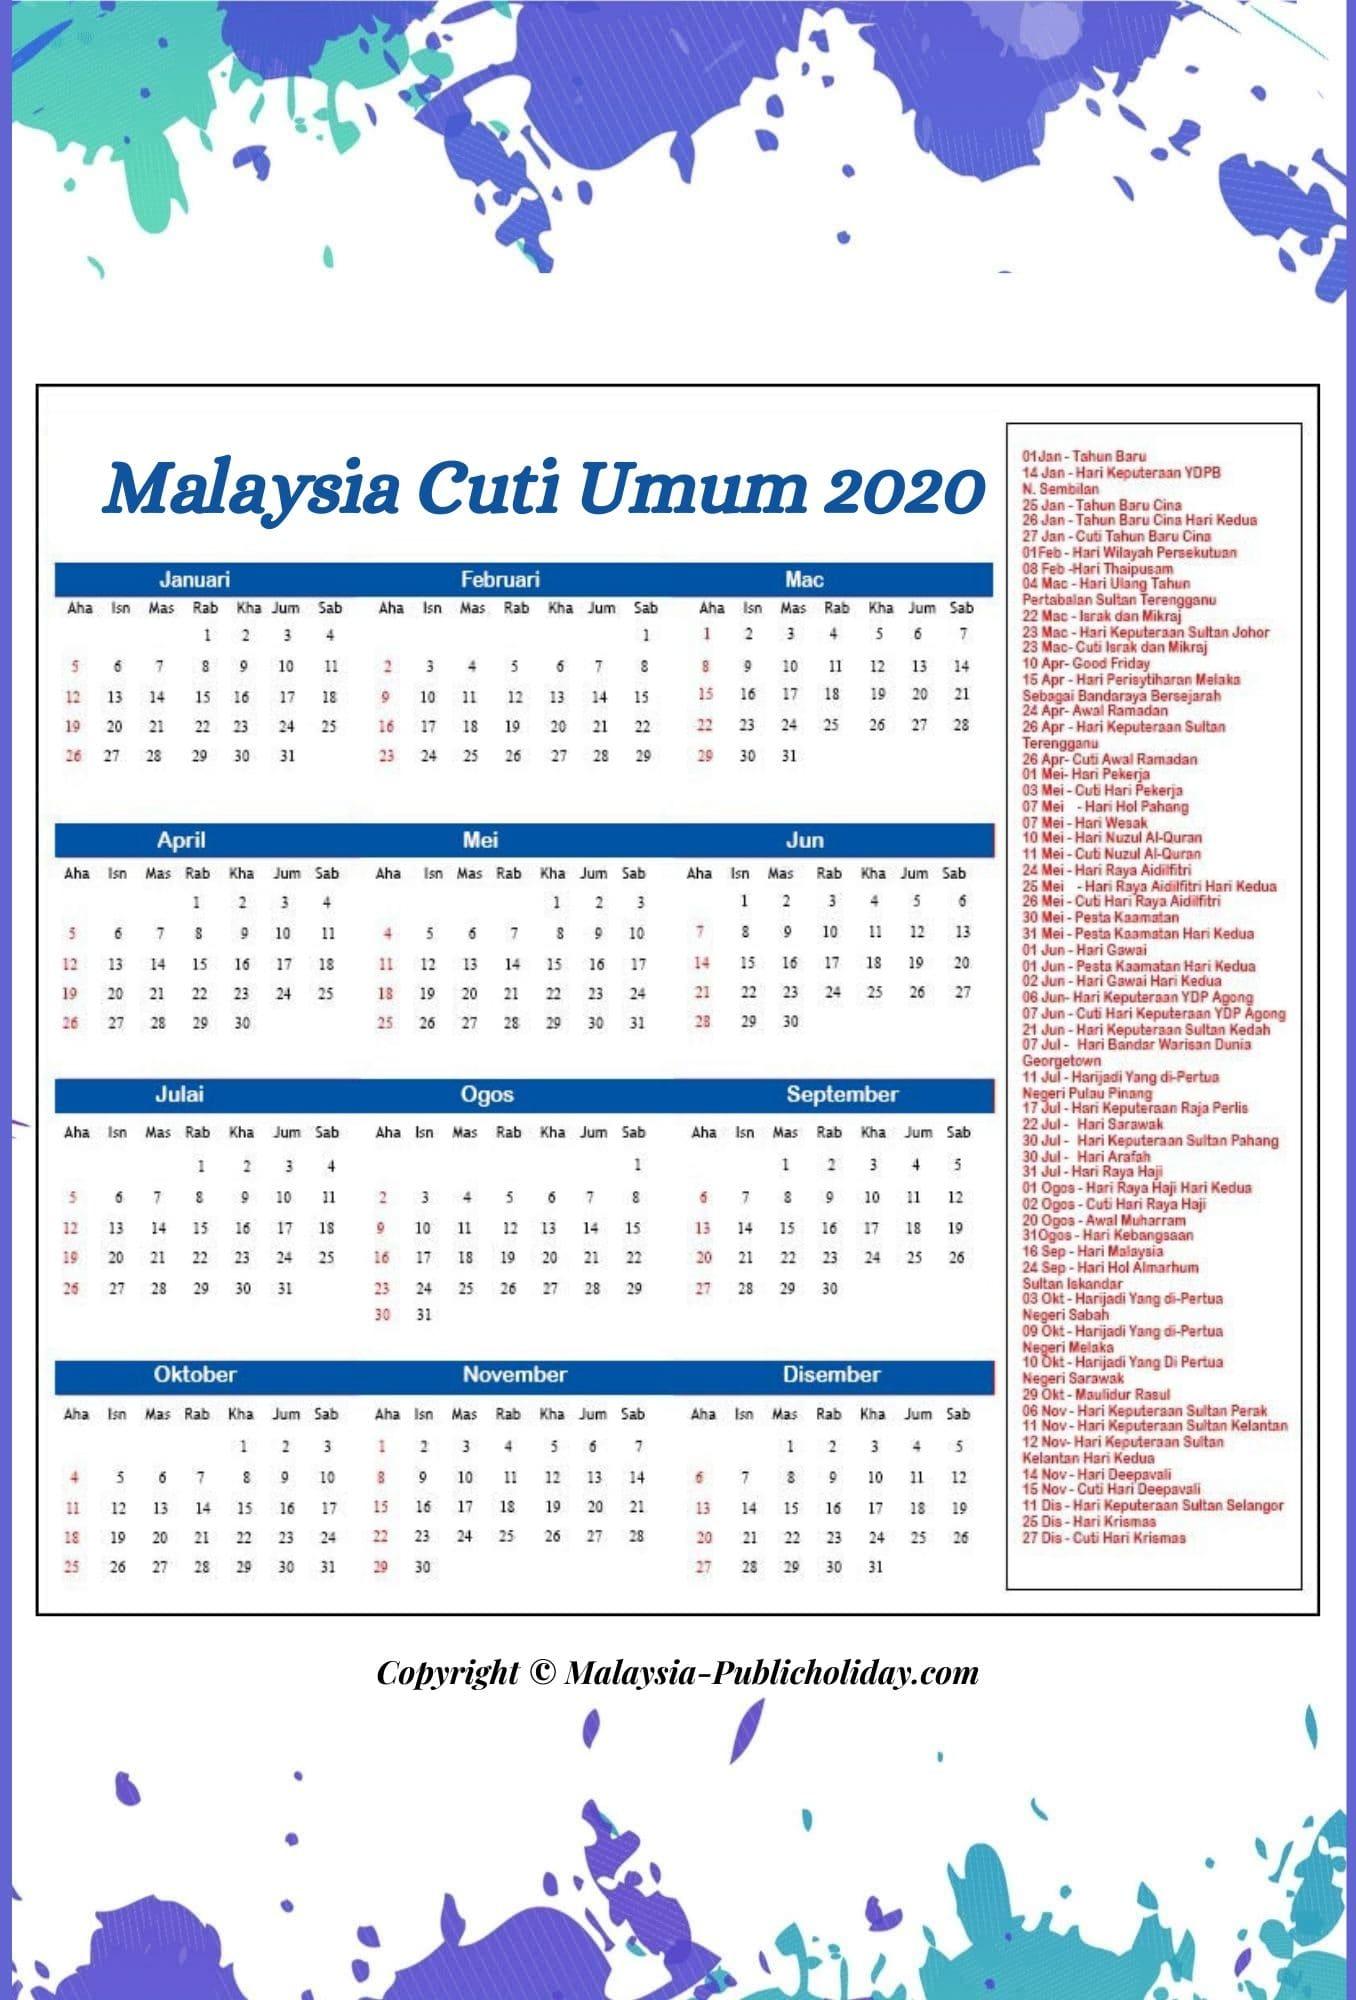 2020 Cuti Umum Malaysia Kalendar